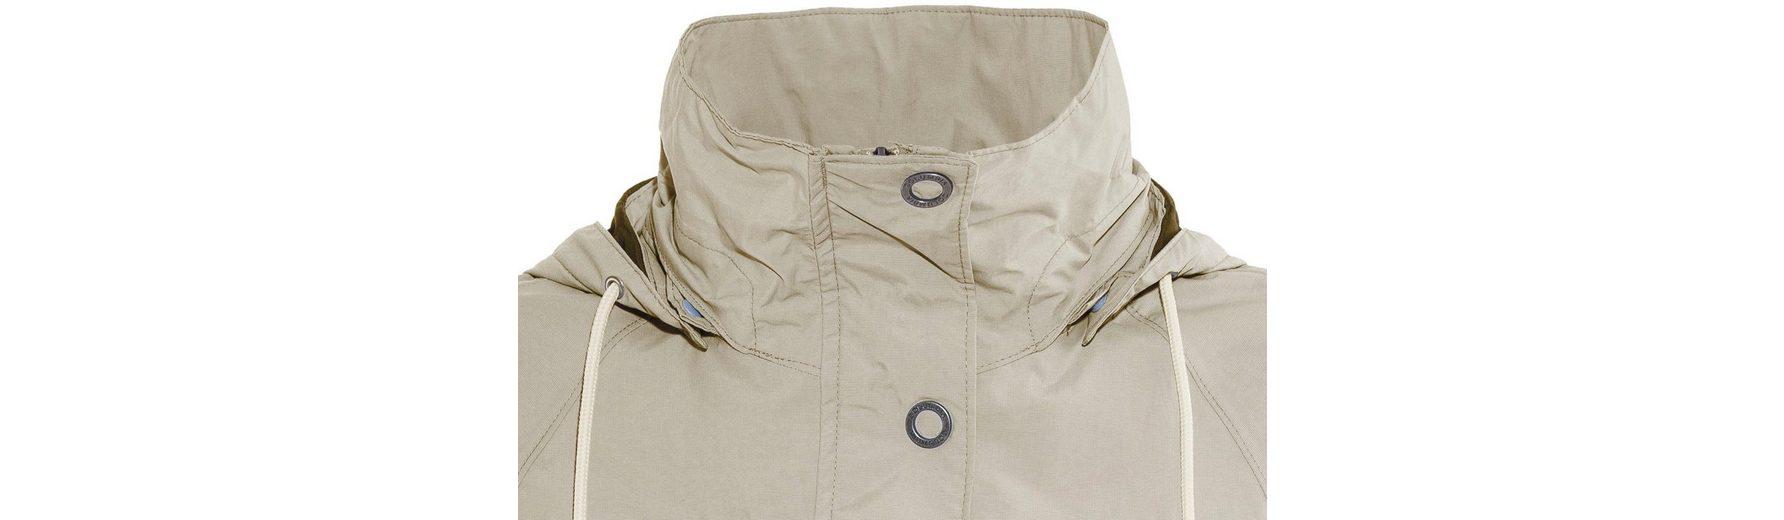 Columbia Outdoorjacke Remoteness Jacket Women Große Auswahl An Kostengünstig Niedrig Kosten Günstig Online Billig Rabatt Authentisch Erkunden Günstigen Preis QhfSJLhyH